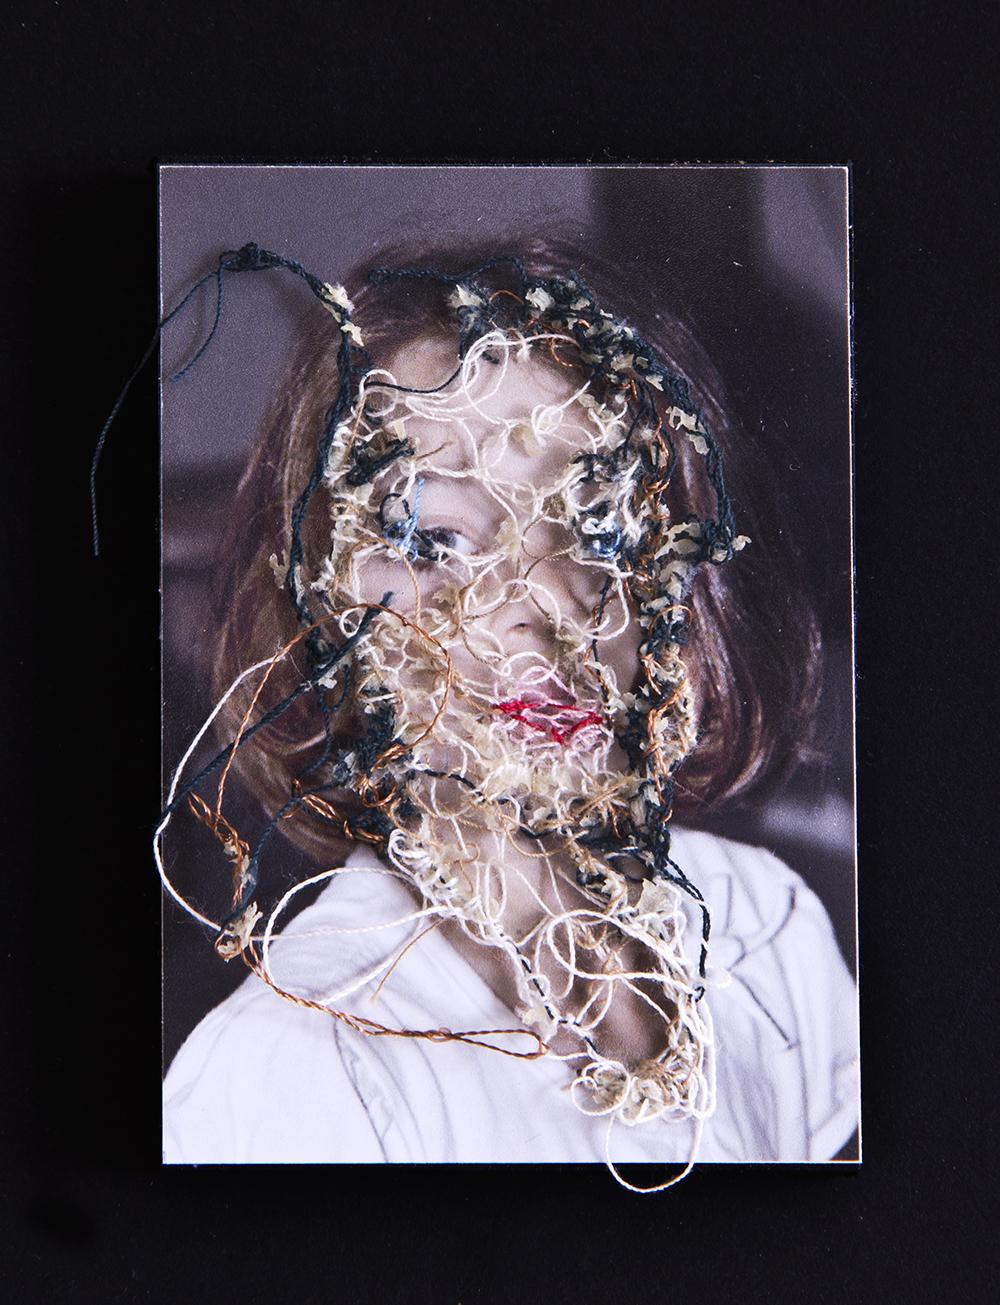 Mi prima María. A flor de piel, 02. 10x15 cm. Fotografía, hilo y piel. 2012